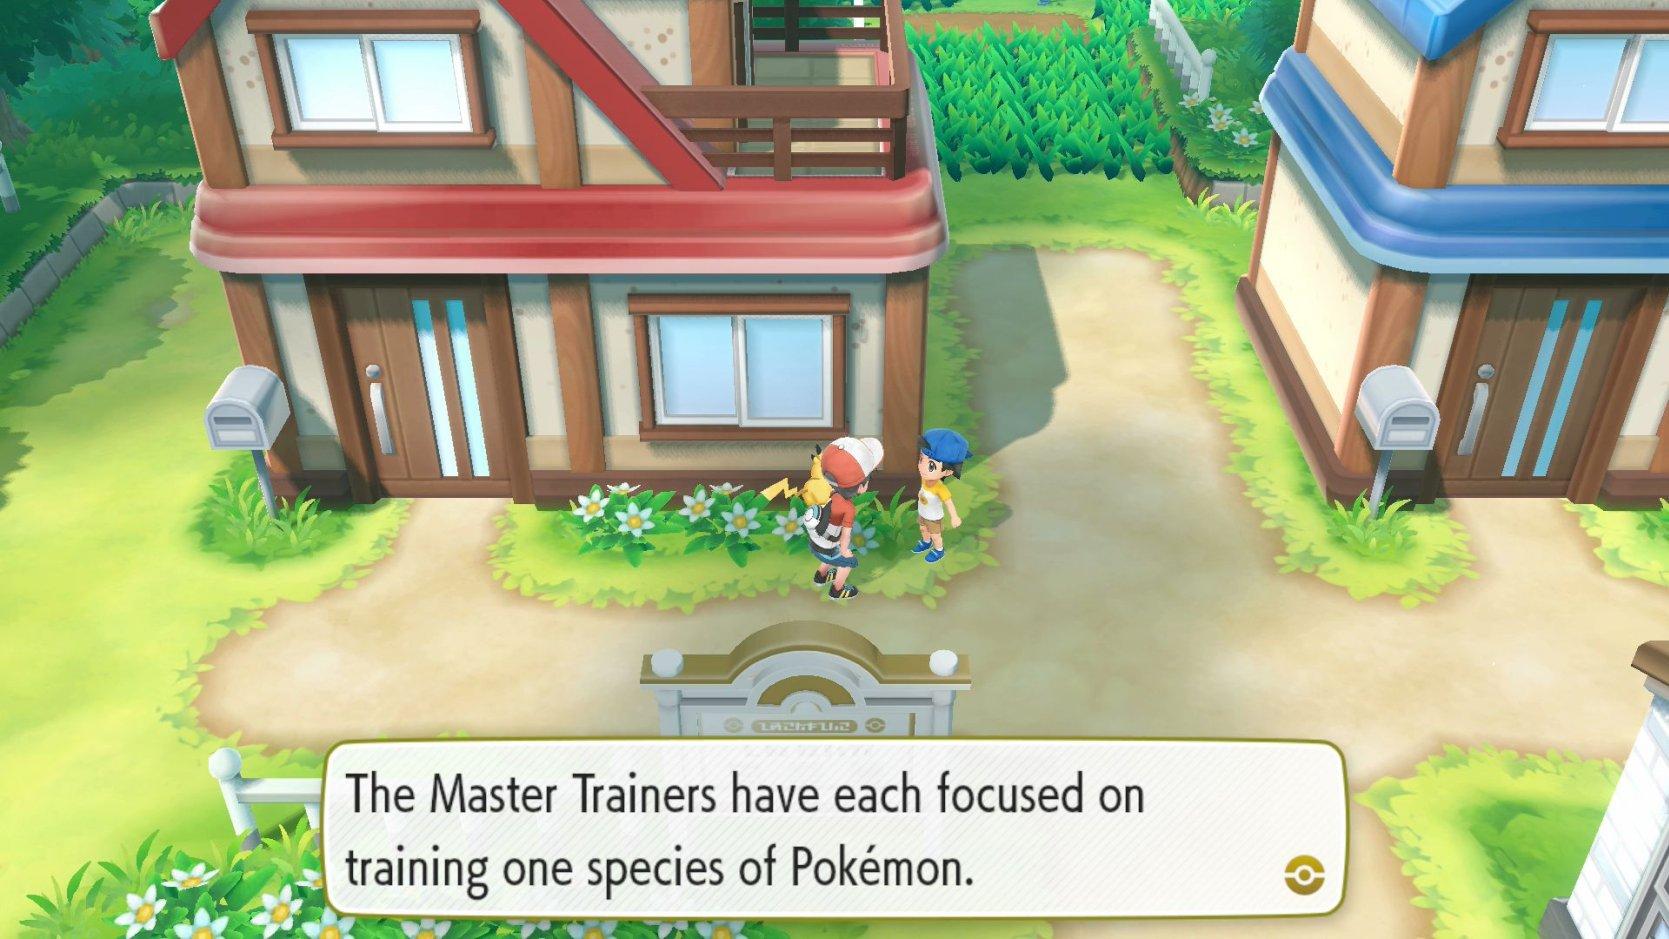 PLG_Master_Trainer_01_EN